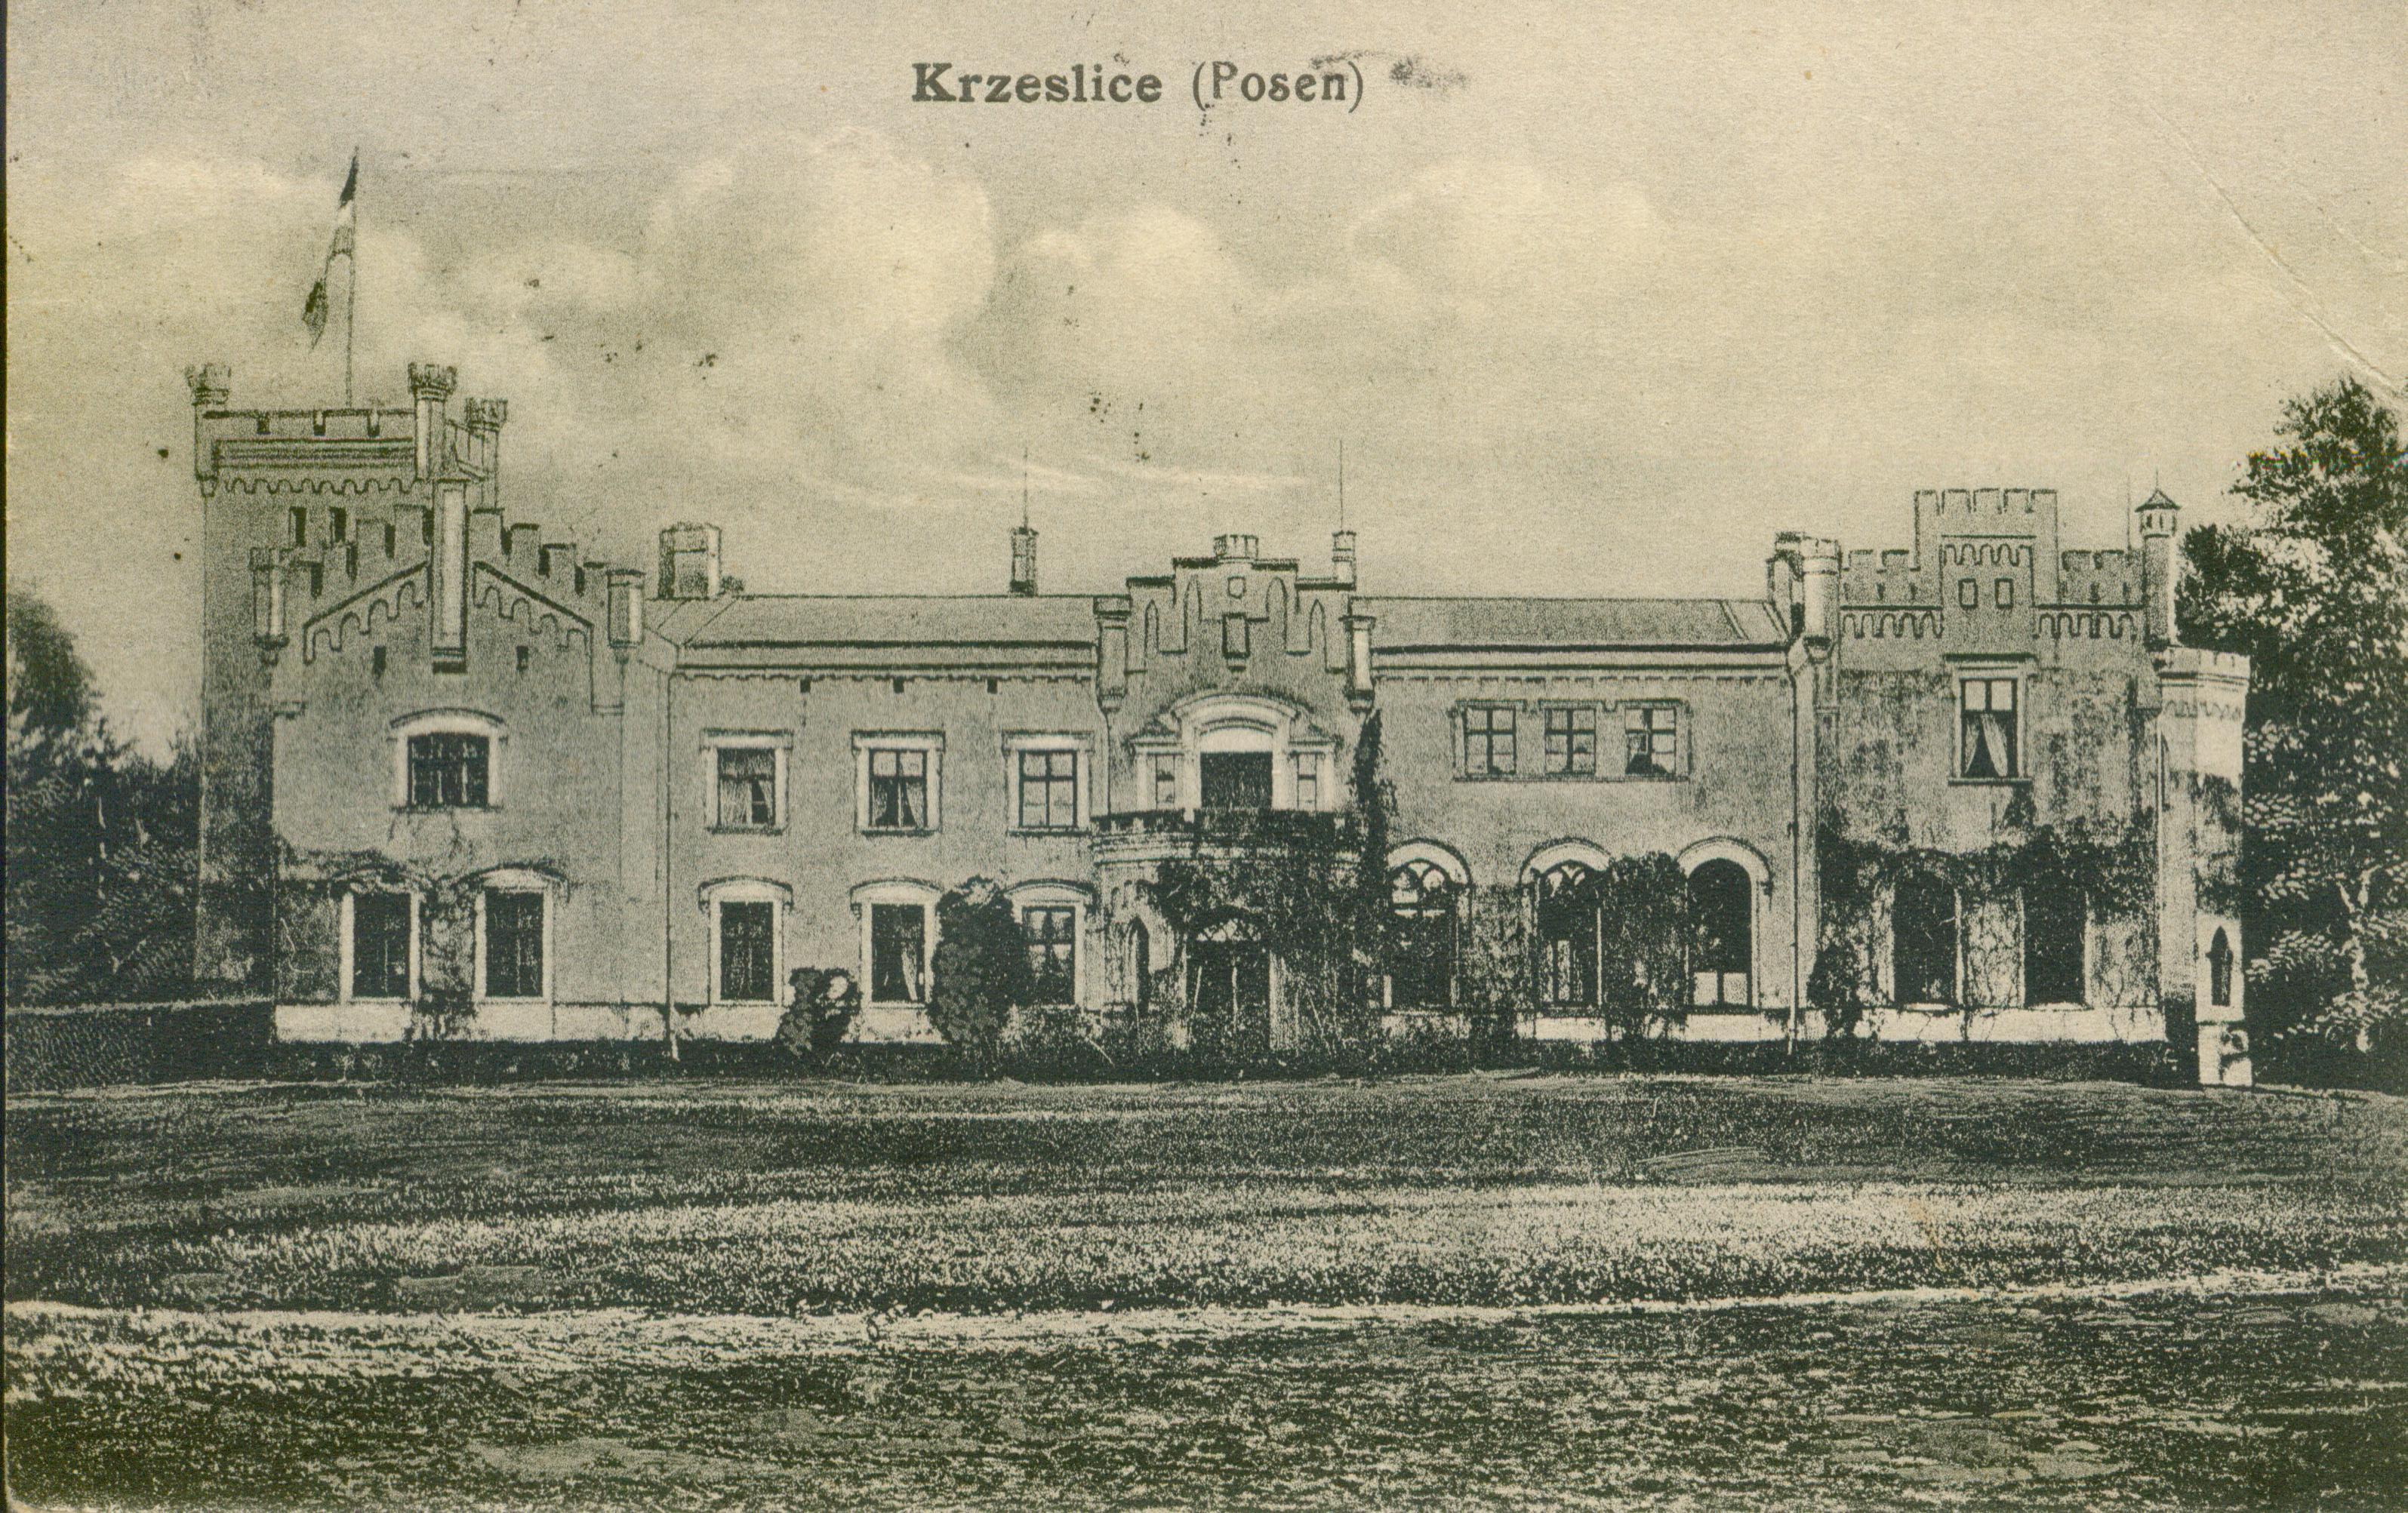 Krześlice pow. Poznań, wielkopolskie